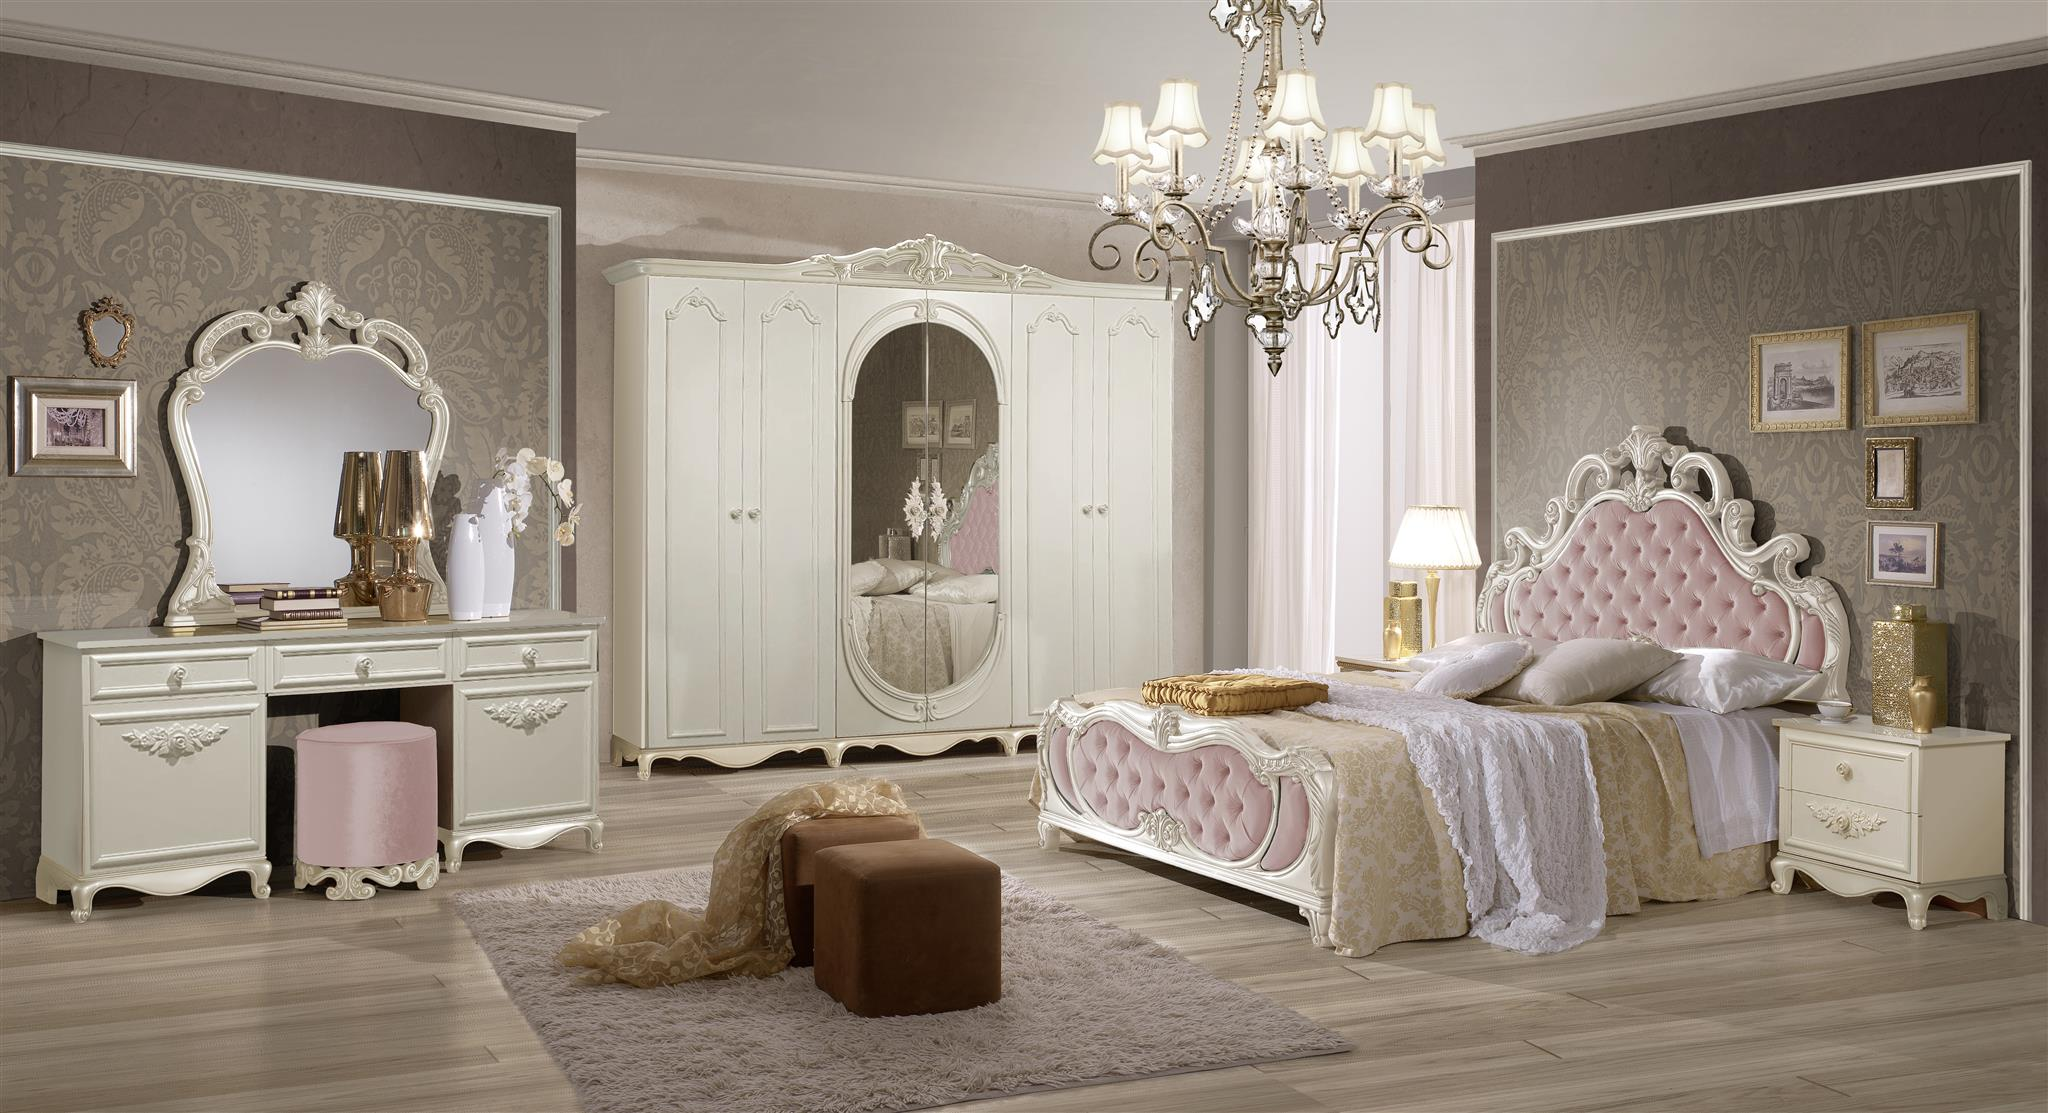 Schlafzimmer Set Atene in Creme/Weiss Rosa 180x200 cm / mit Schrank ...